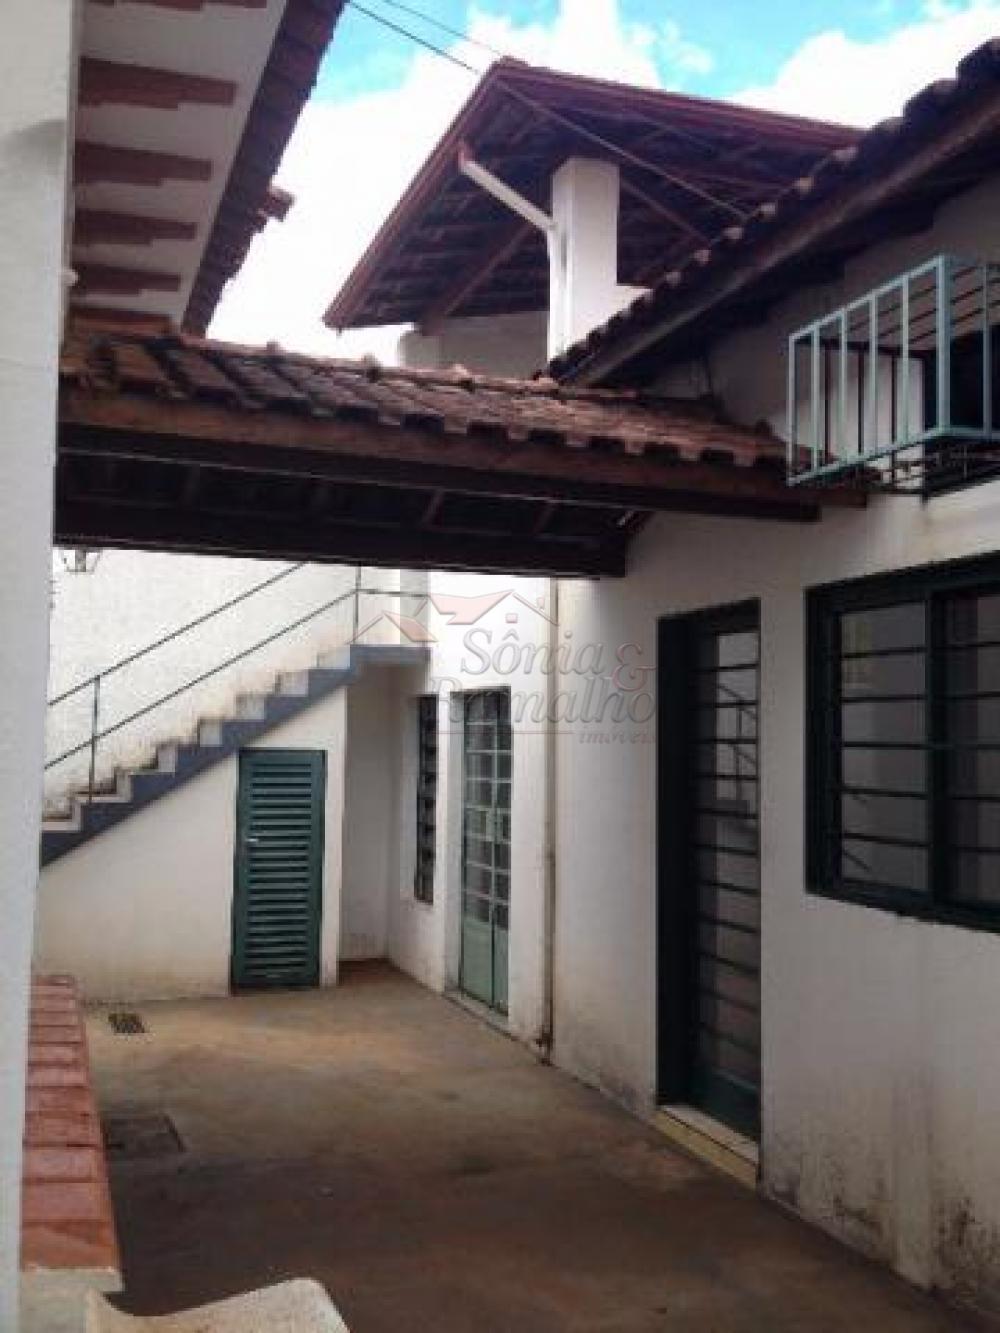 Alugar Comercial / Imóvel Comercial em Ribeirão Preto R$ 3.500,00 - Foto 6